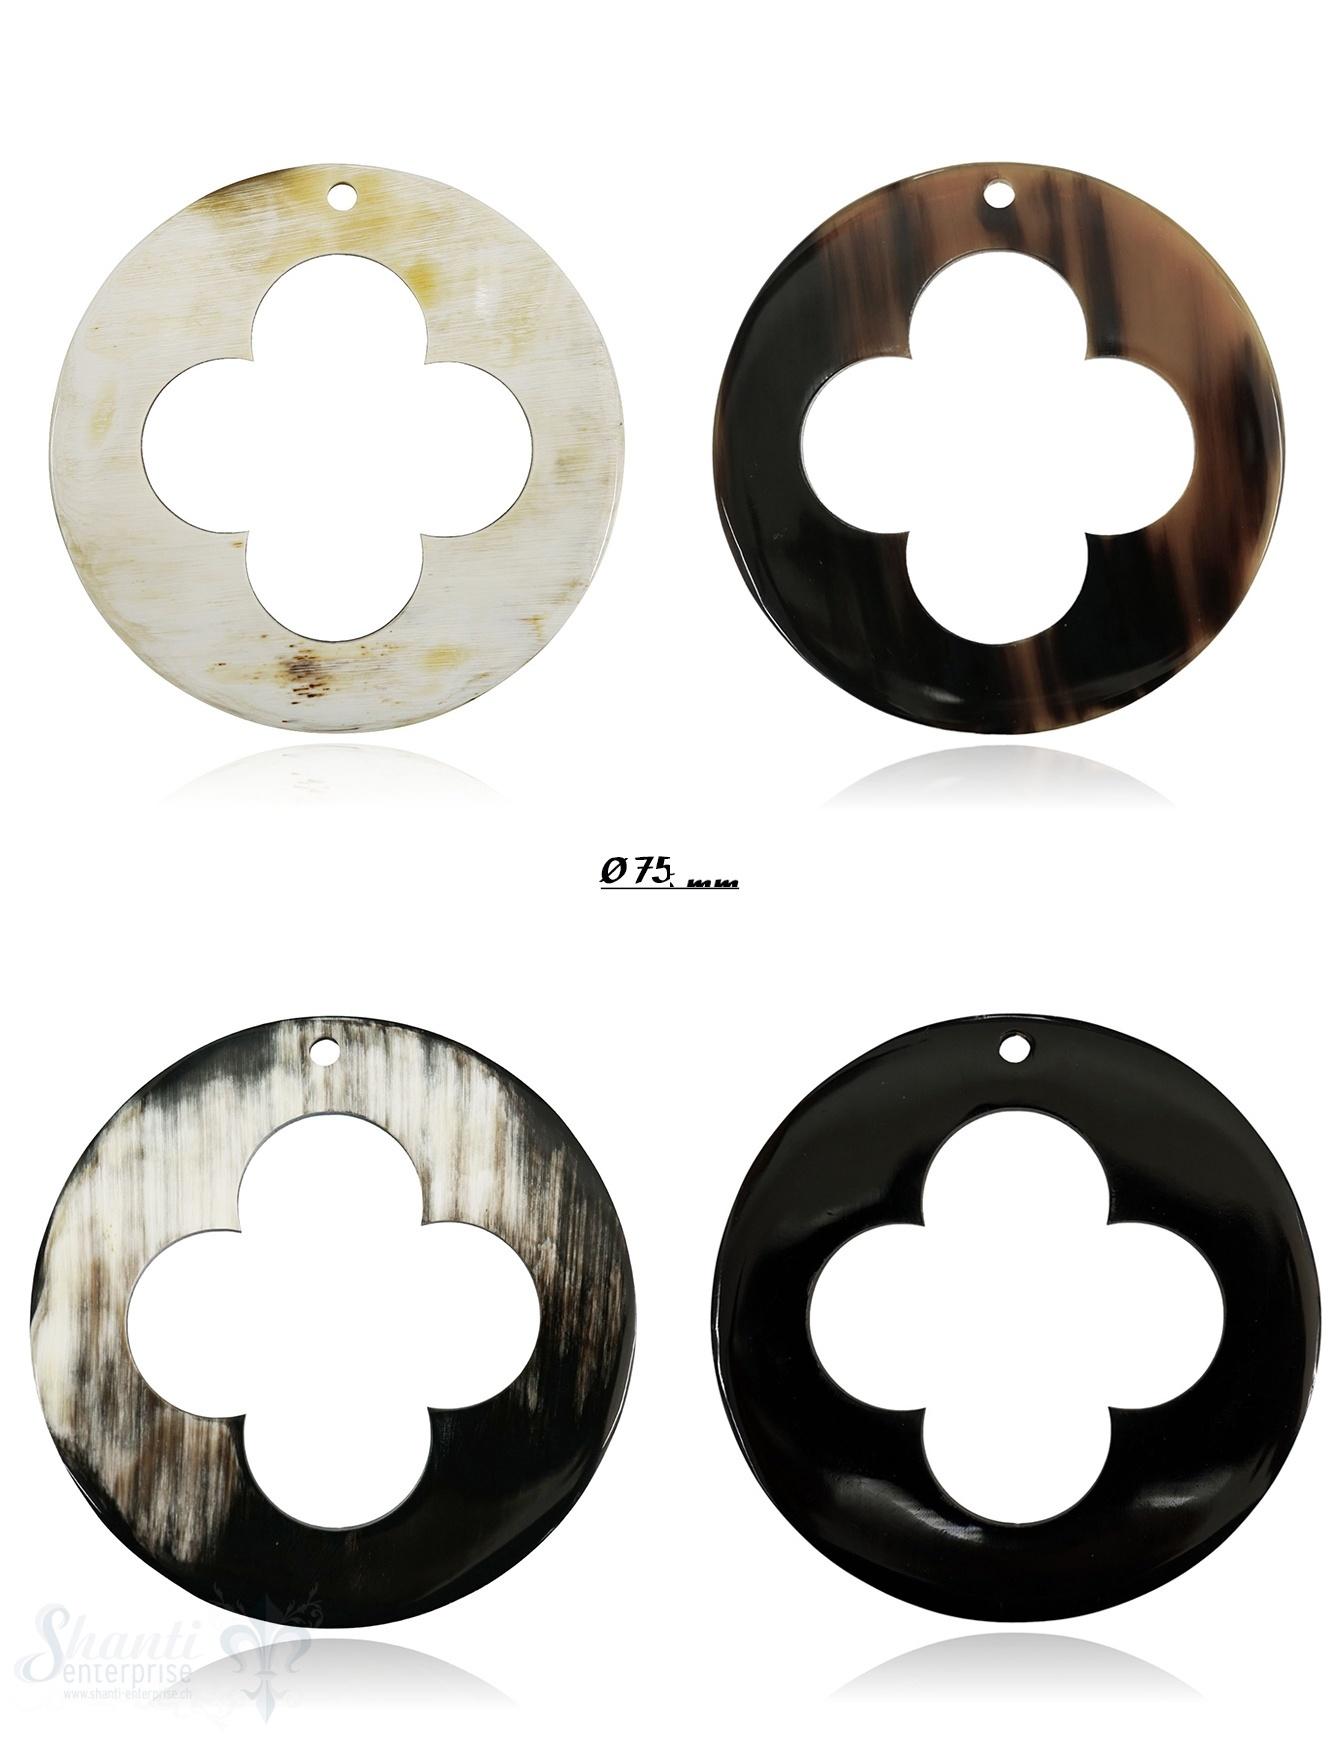 Horn Anhänger Glücks-Kleeblatt Ø 75 mm ausgestanzt mit Loch Farbabweichungen sind möglich